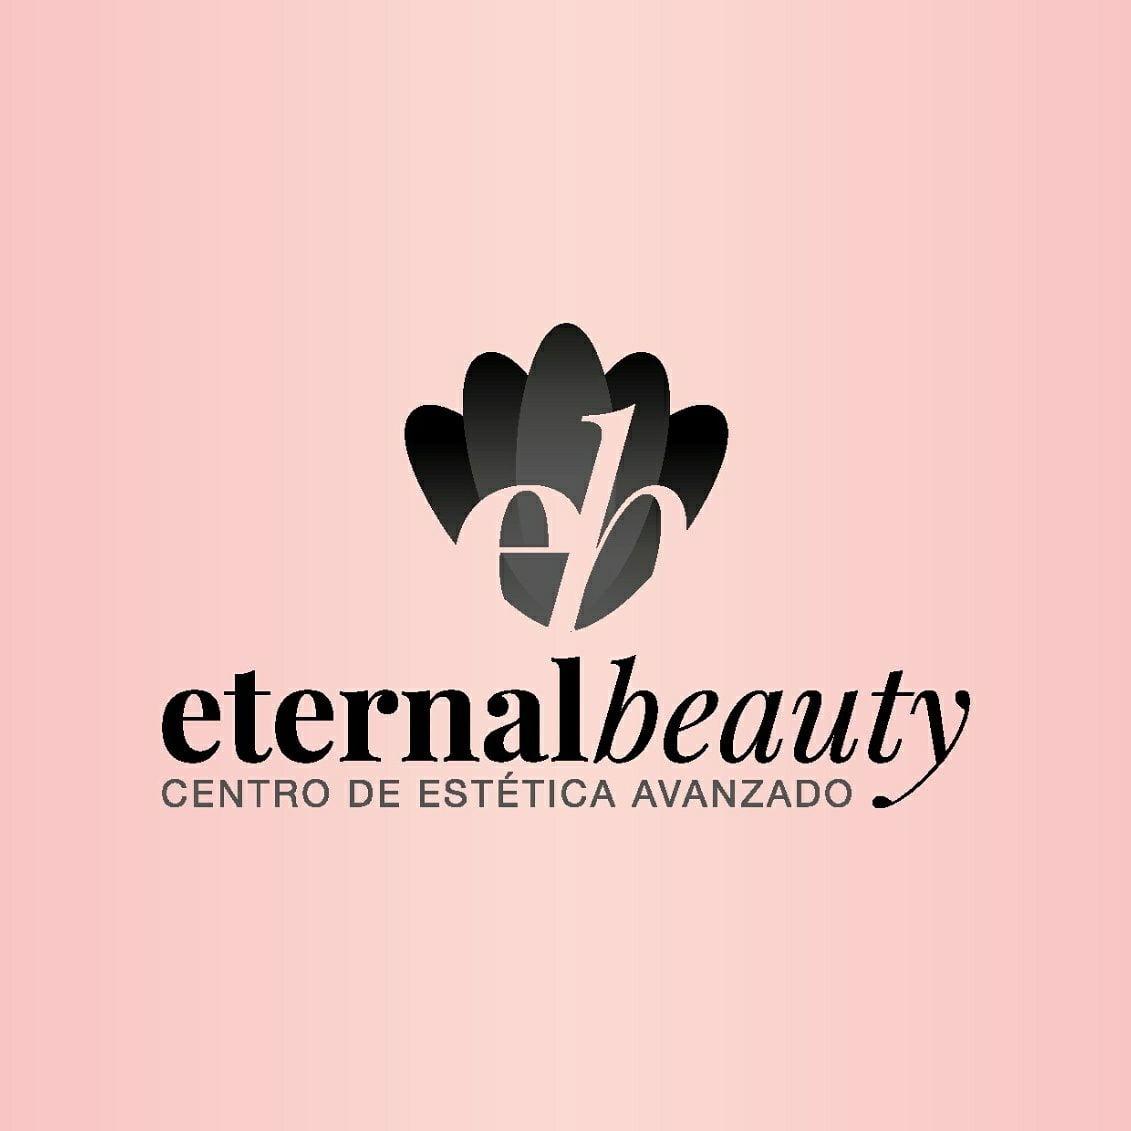 Eternalbeauty